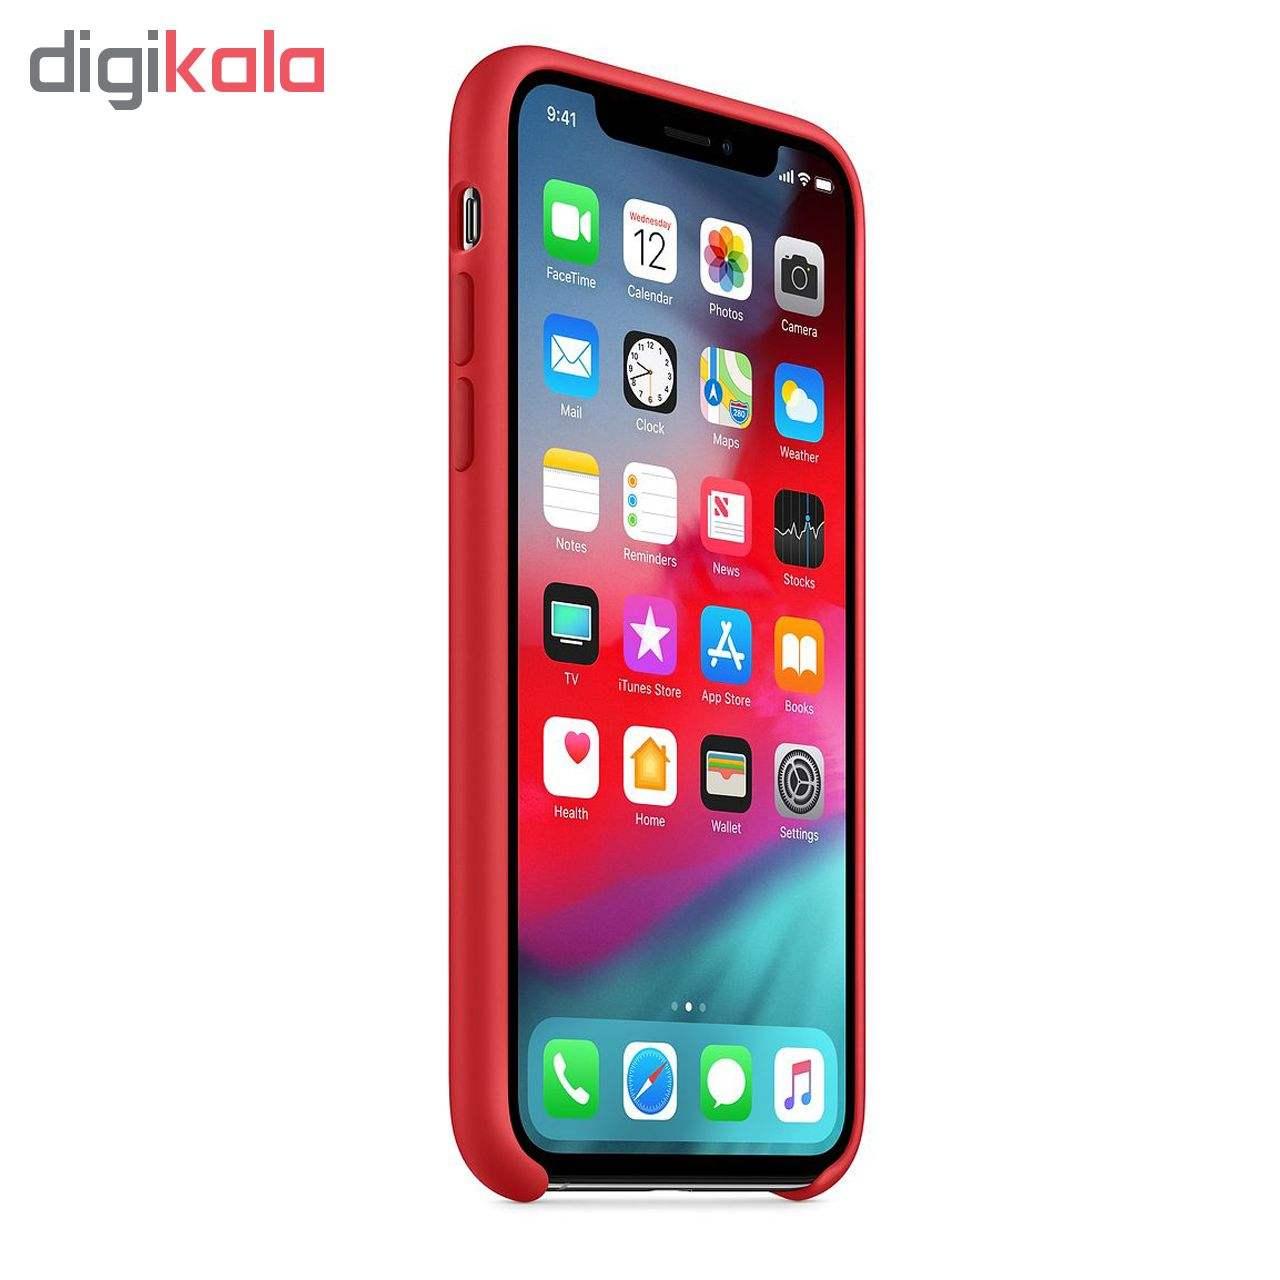 کاور مدل sili003 مناسب برای گوشی موبایل اپل Iphone X / XS thumb 3